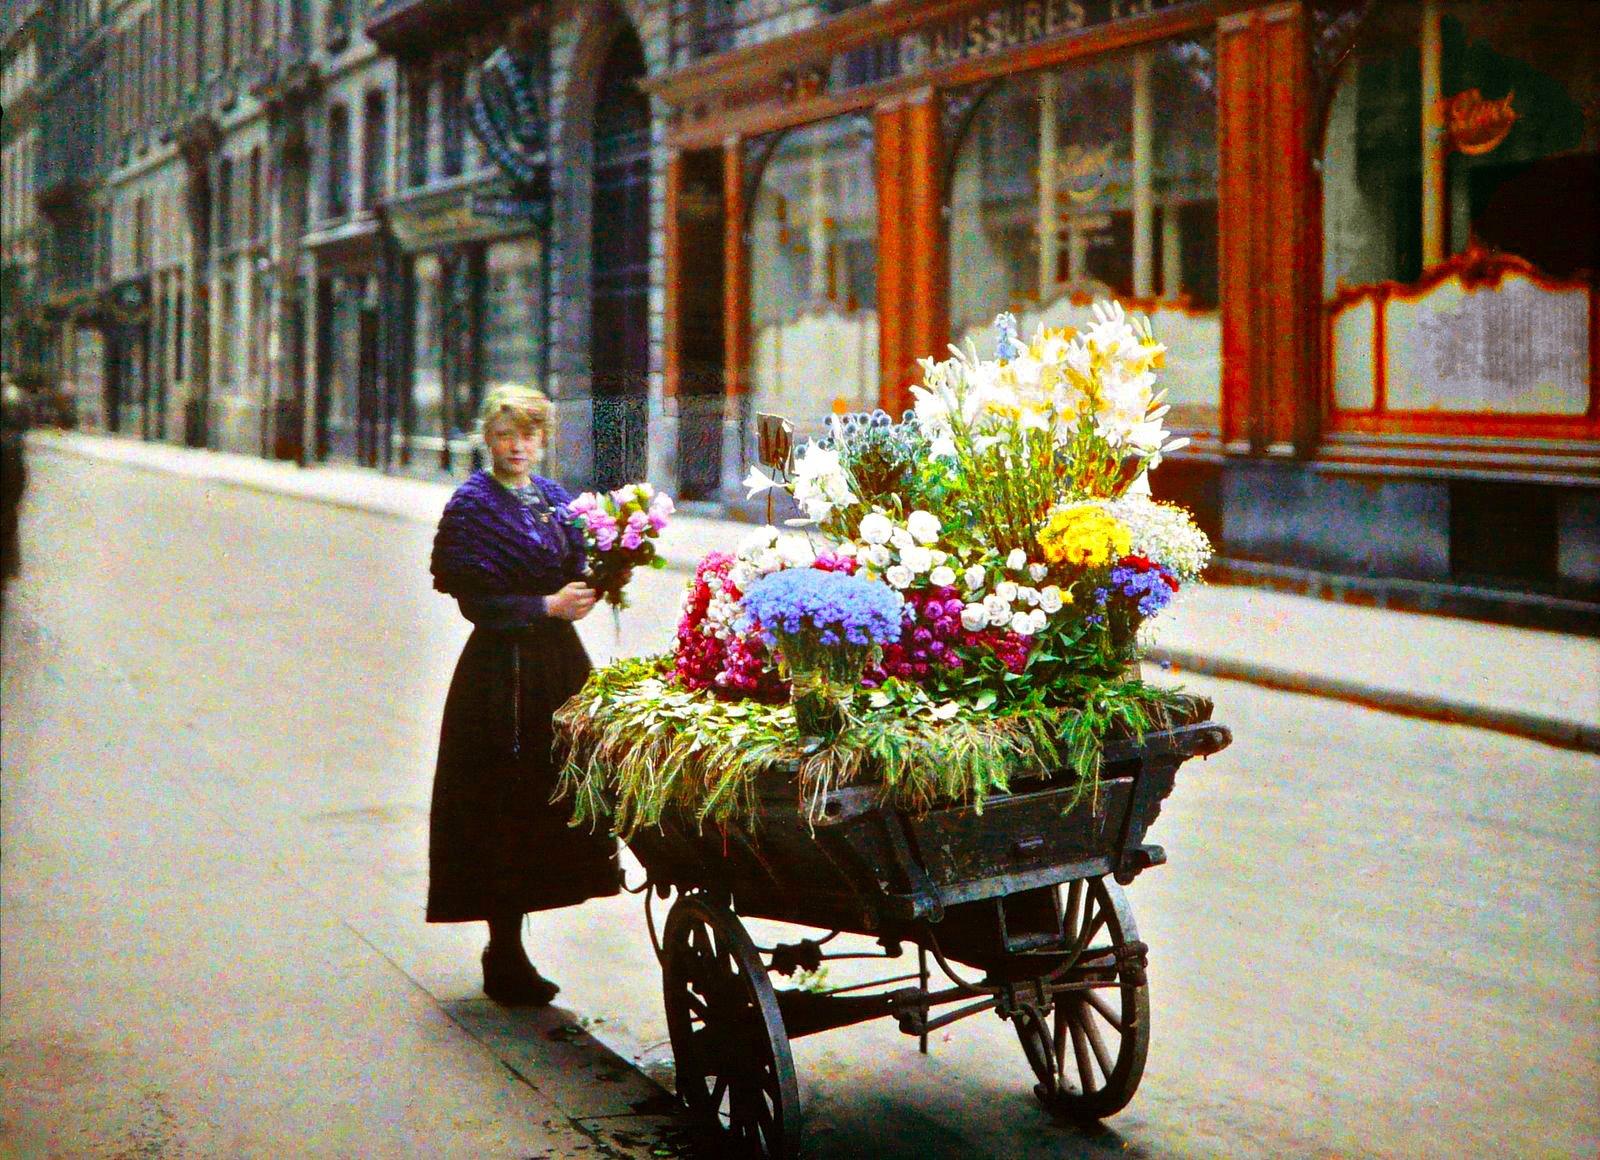 картинка продавщица цветов на улице сами замечают